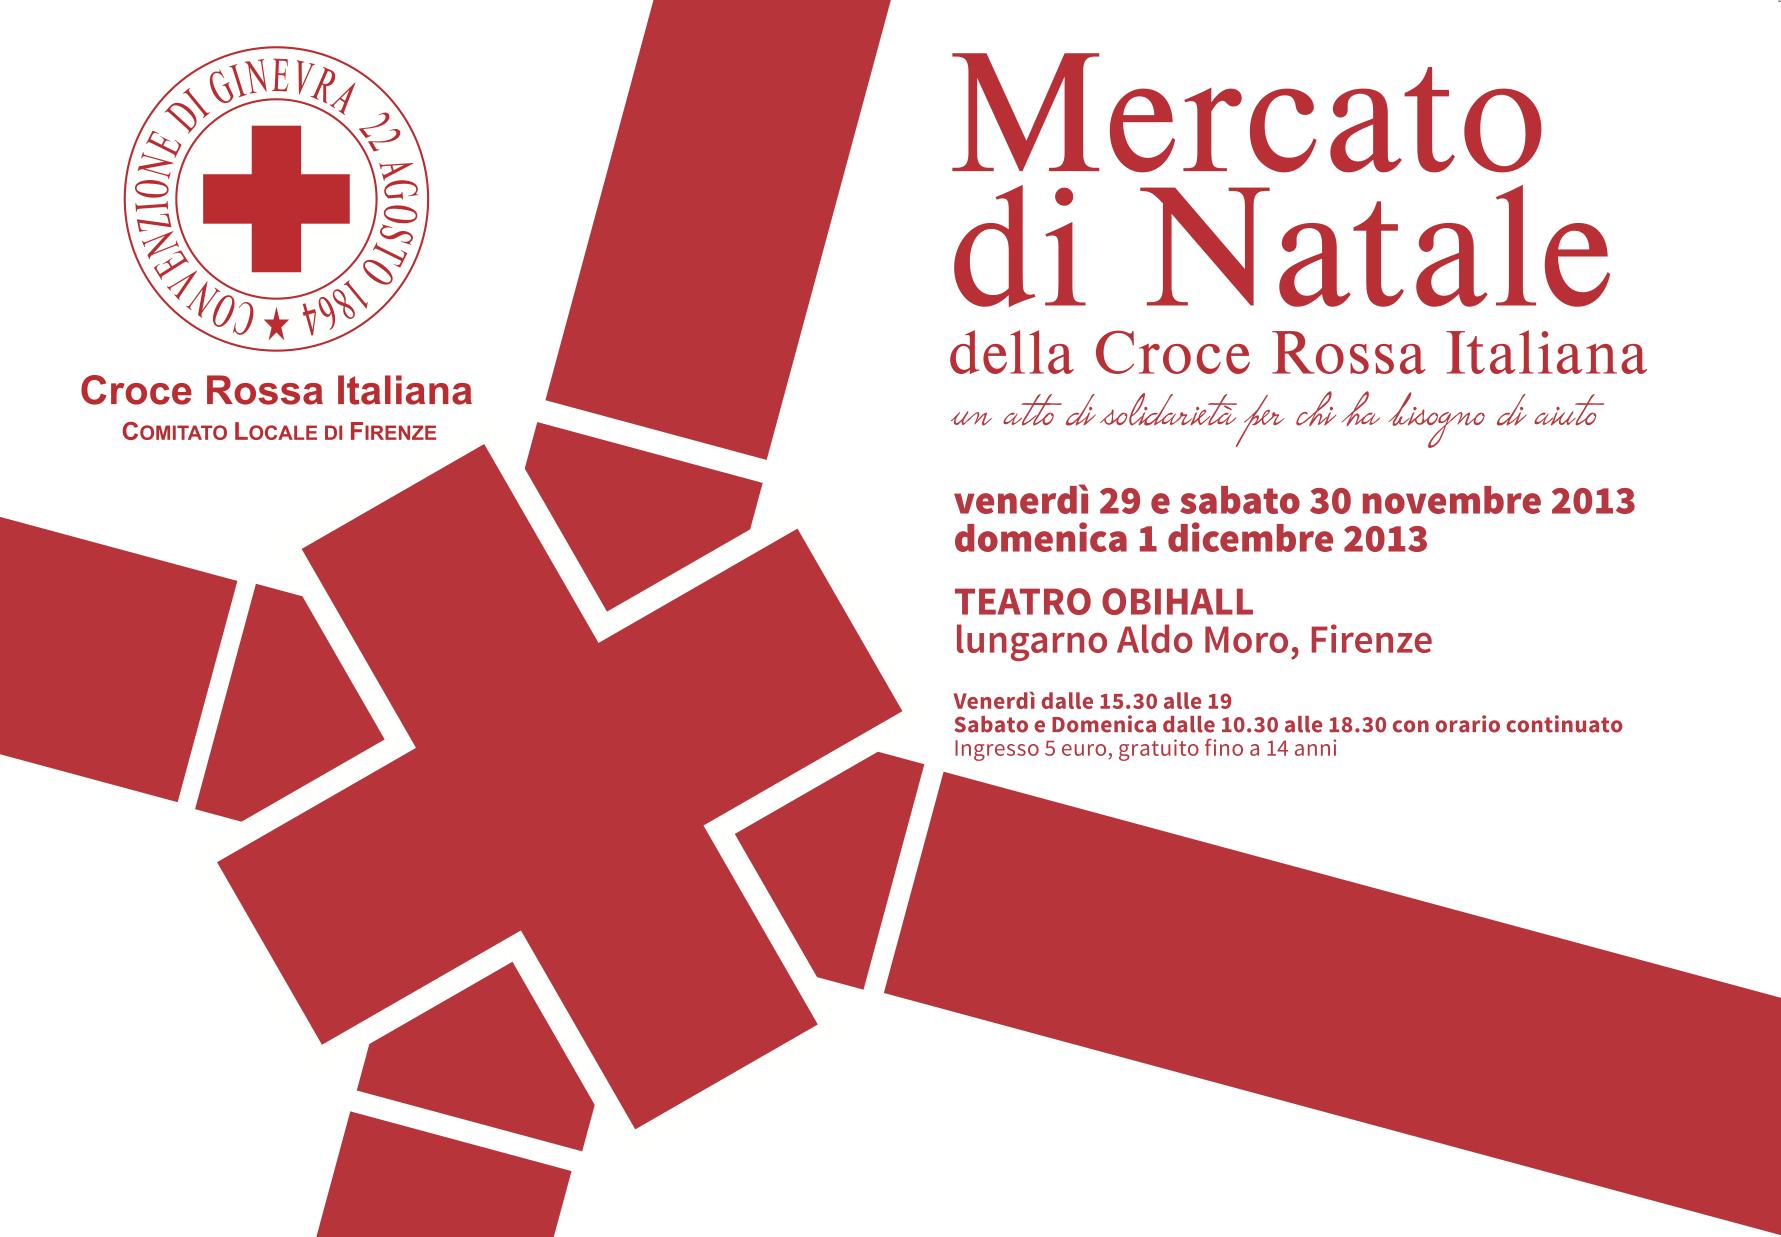 Elicottero Croce Rossa Italiana : Croce rossa italiana comitato di firenze